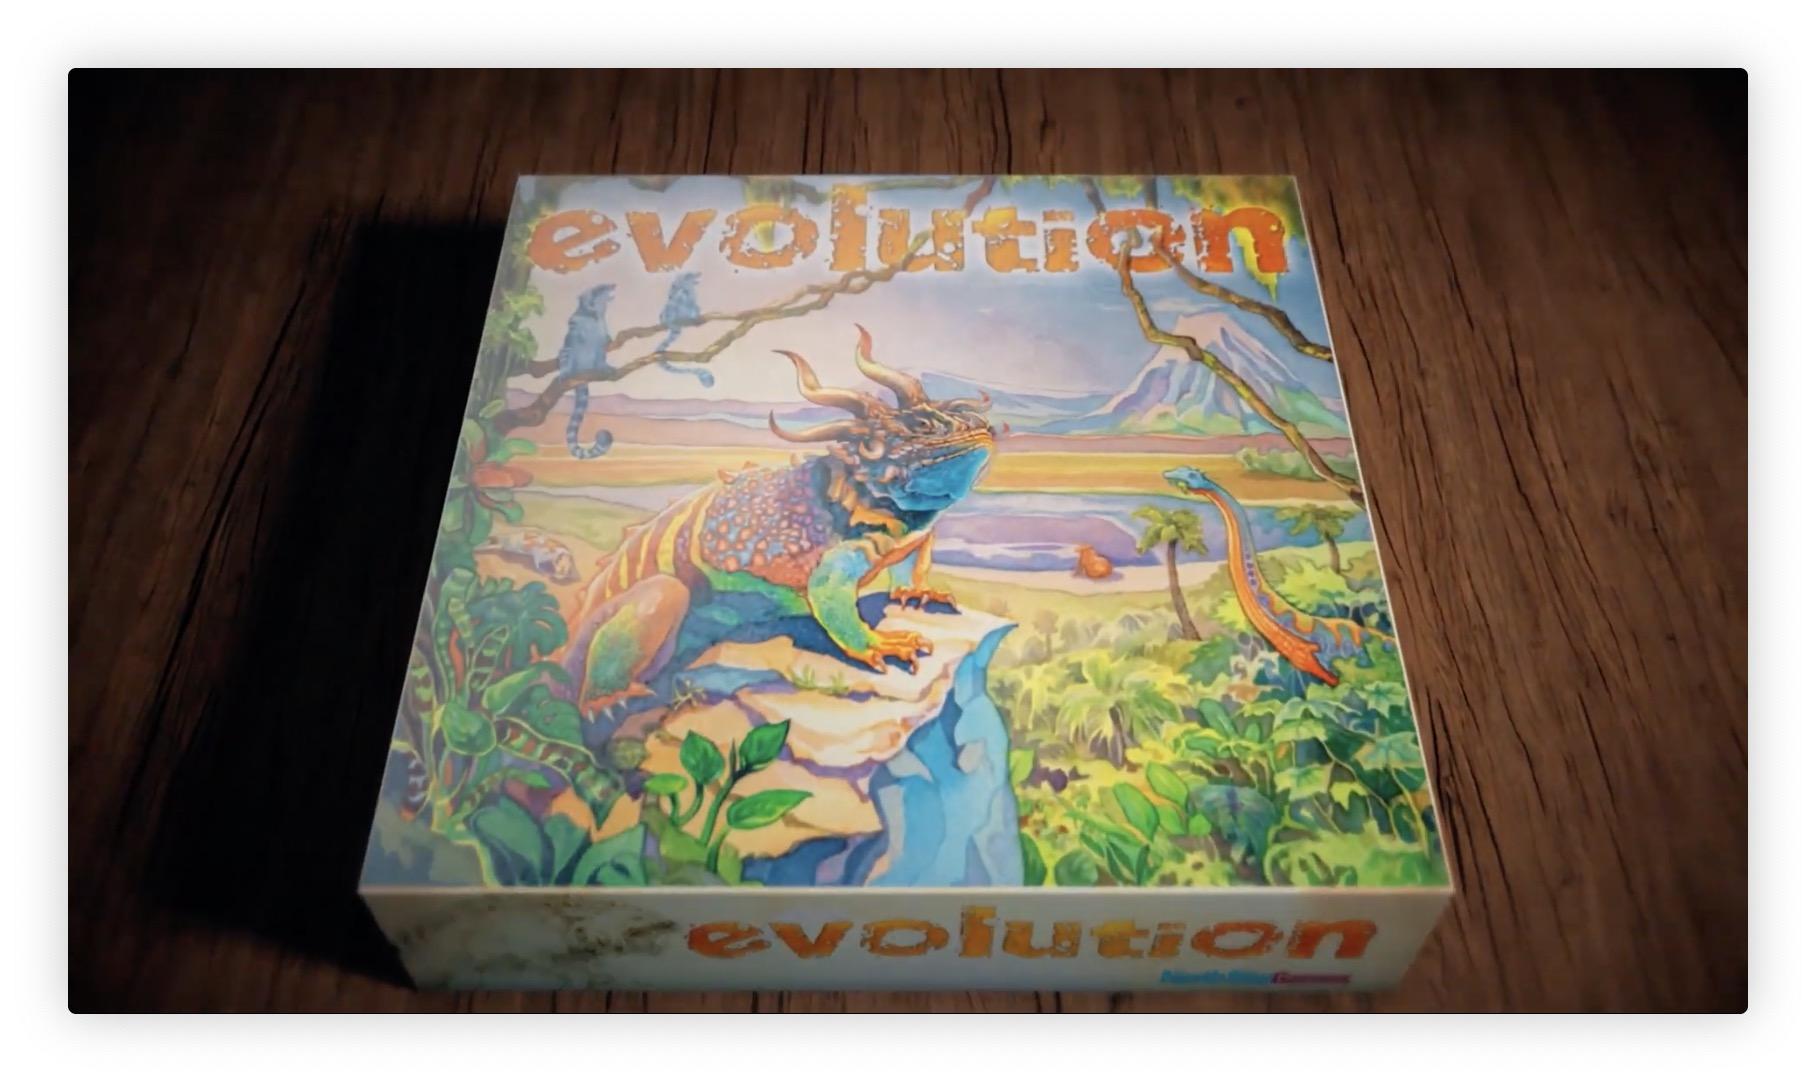 Le portage du jeu «Evolution» sur iPhone et iPad est sorti (vidéo) 1